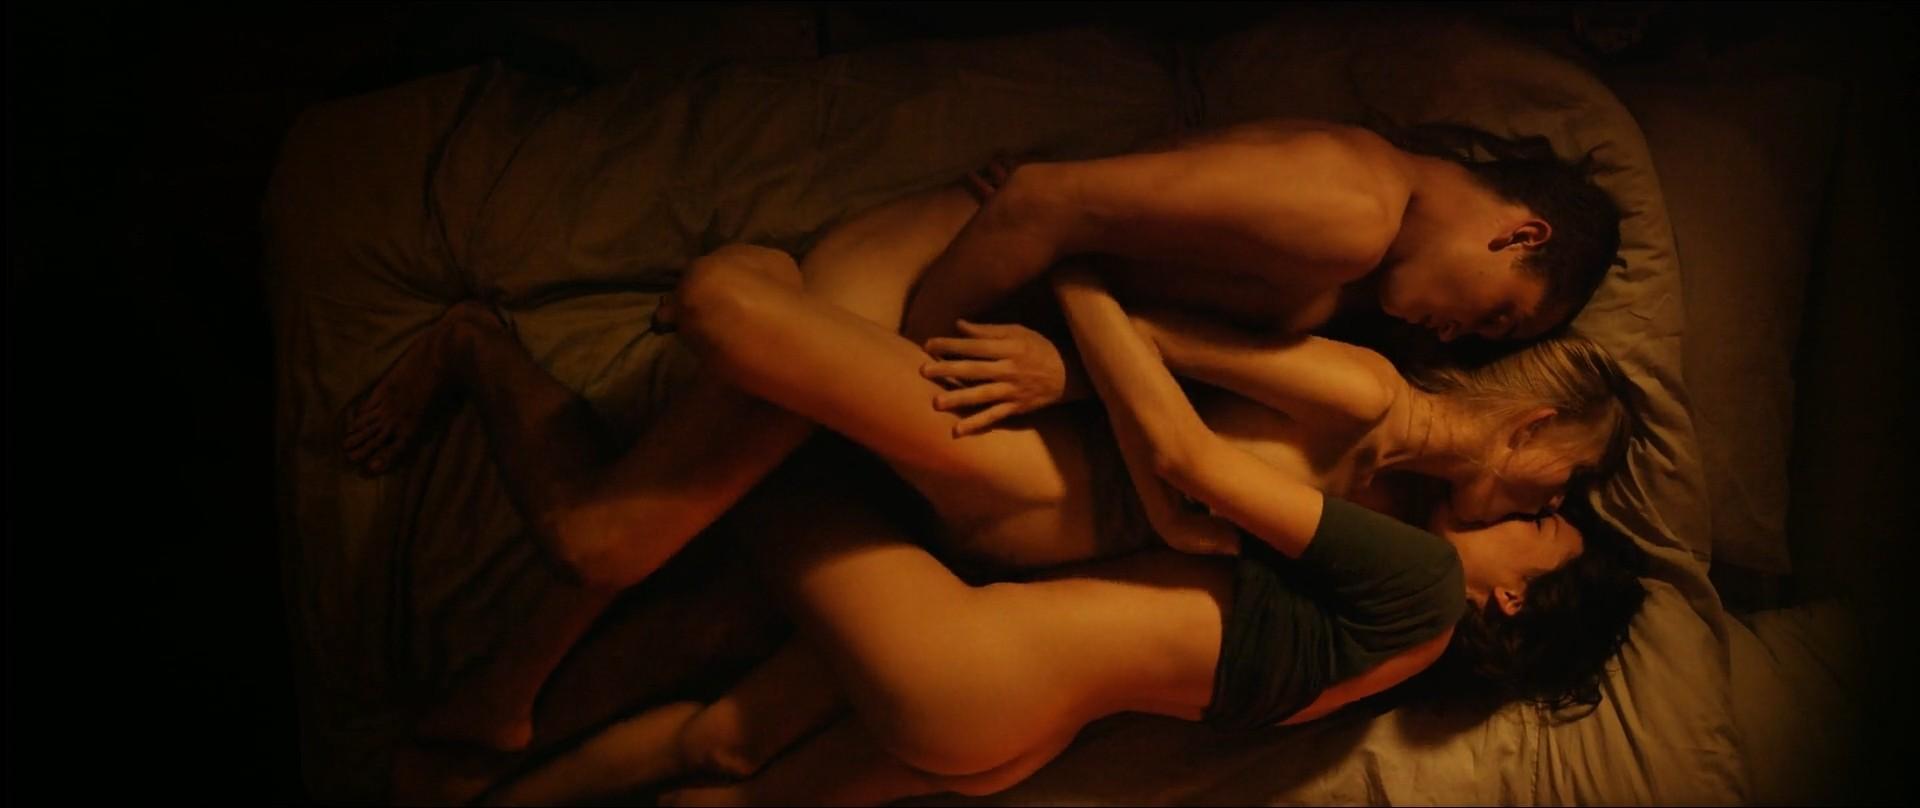 Смотреть Фильмы Про Любовь И Страстный Секс